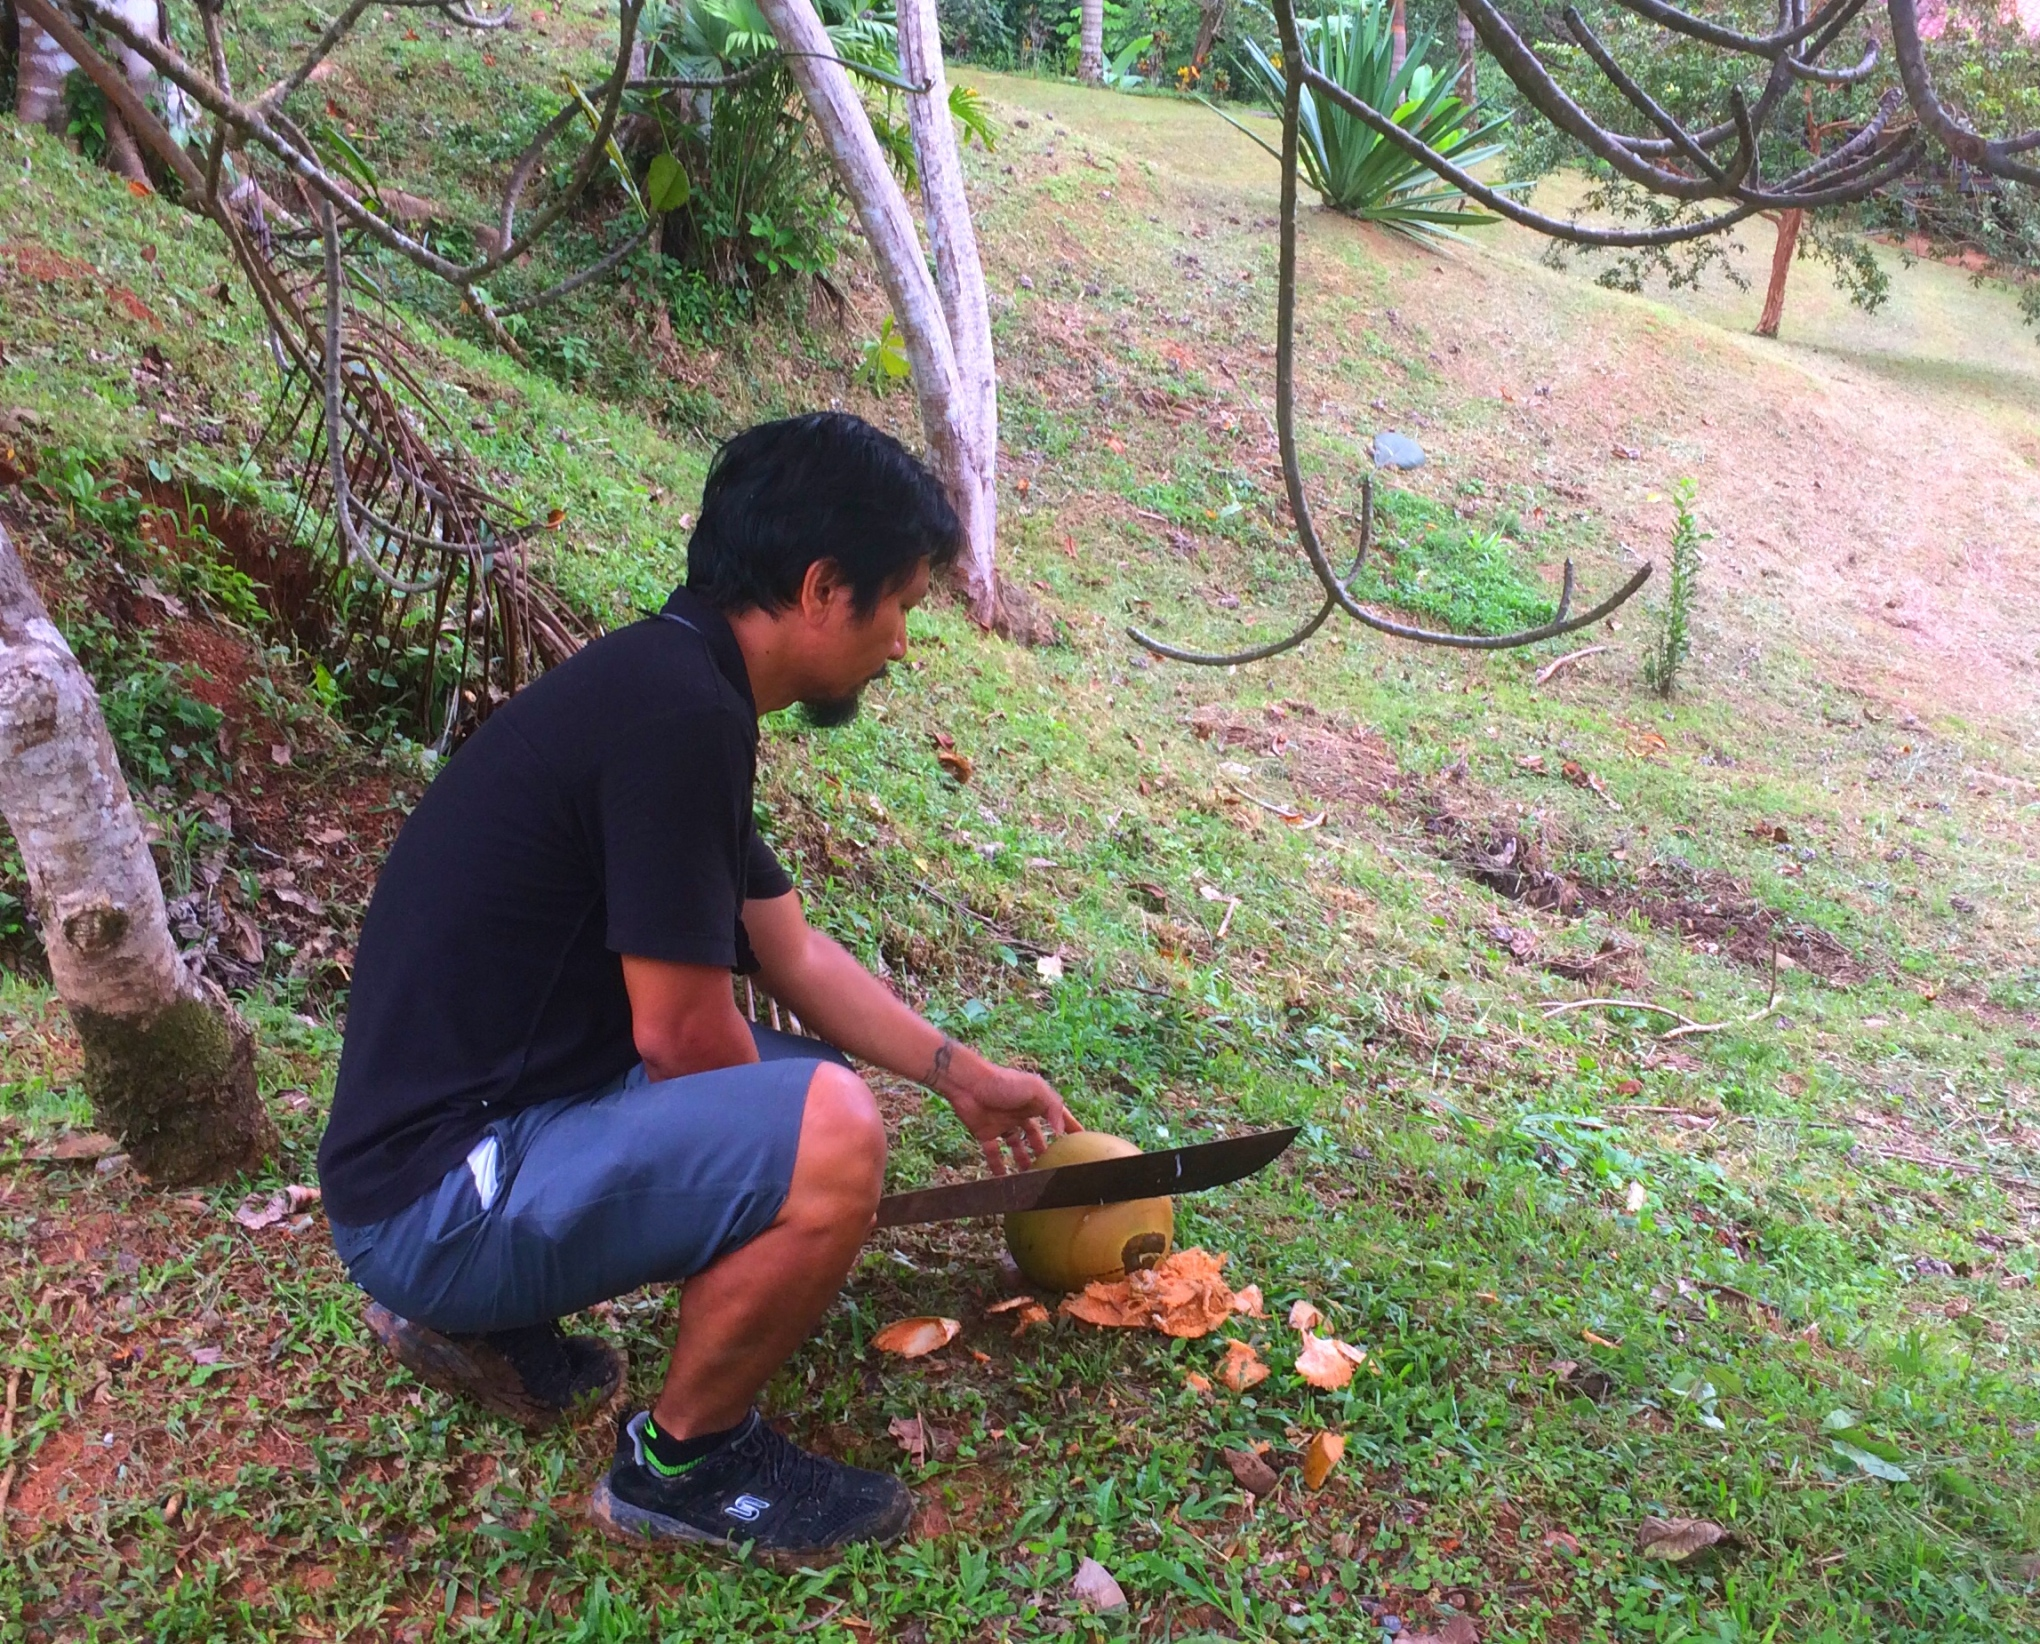 fresh coconuts in the jungle